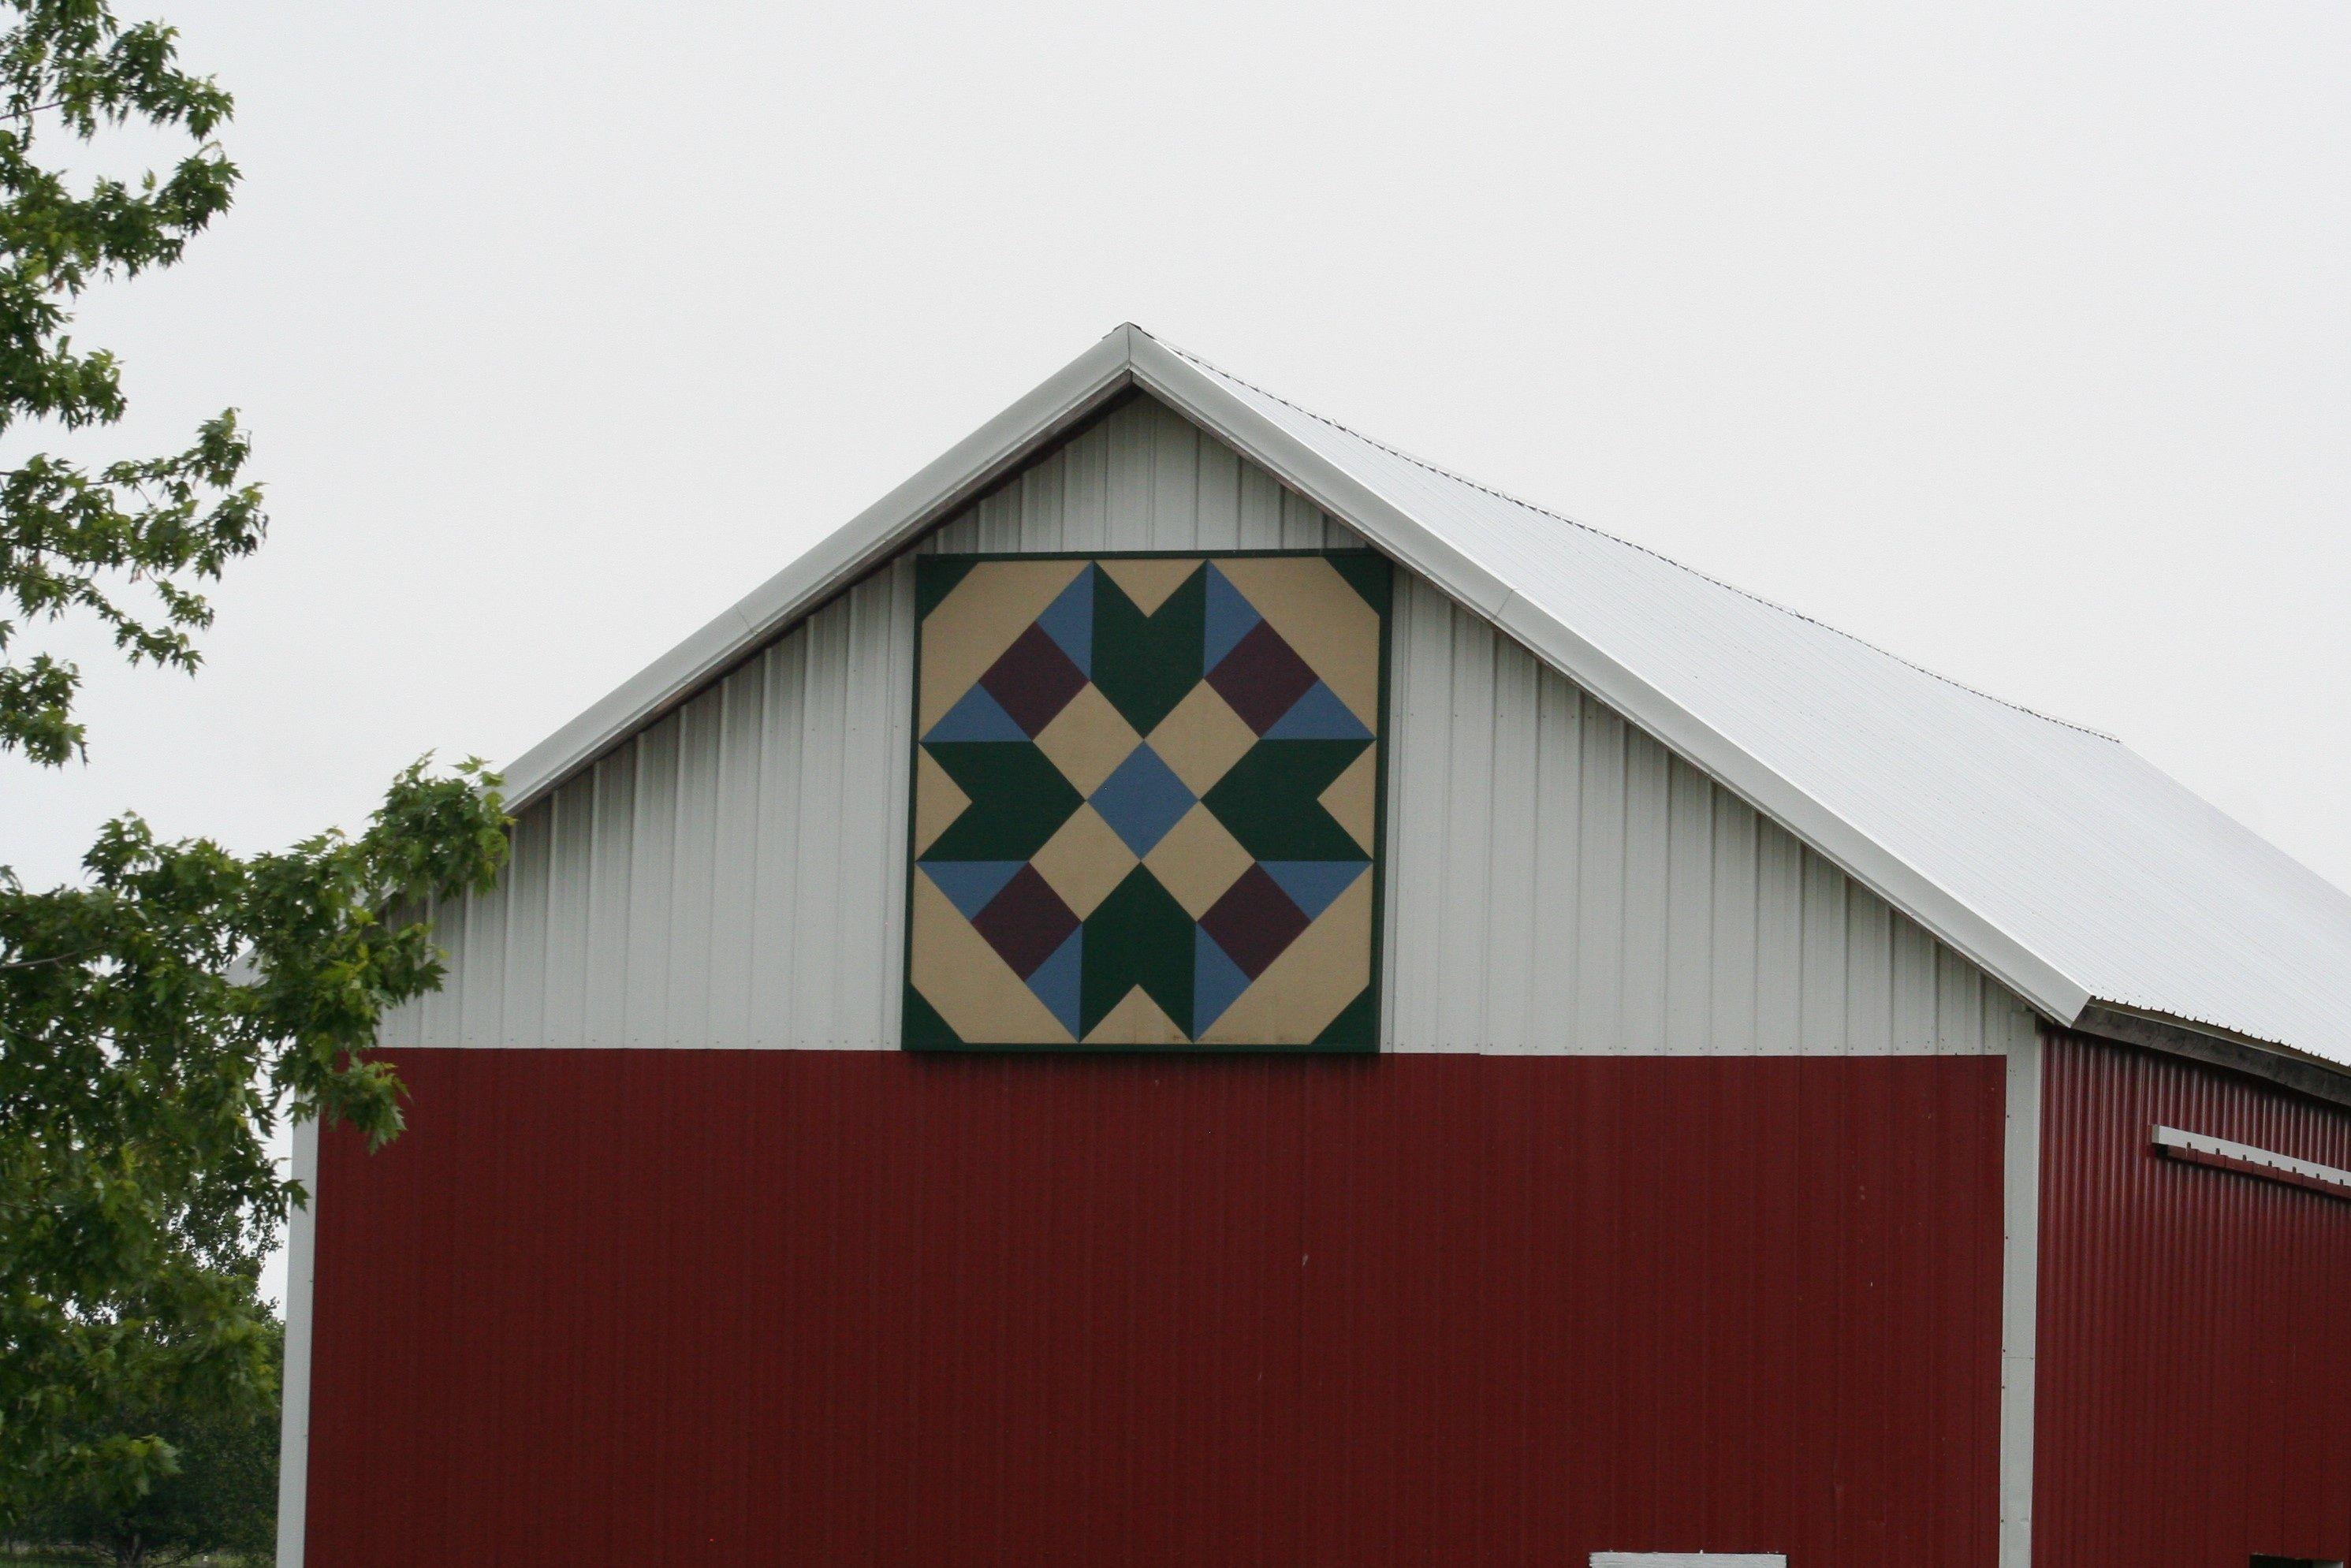 Door County Wisconsin Quilt Barn Door County Wisconsin Barn Quilts Outdoor Structures